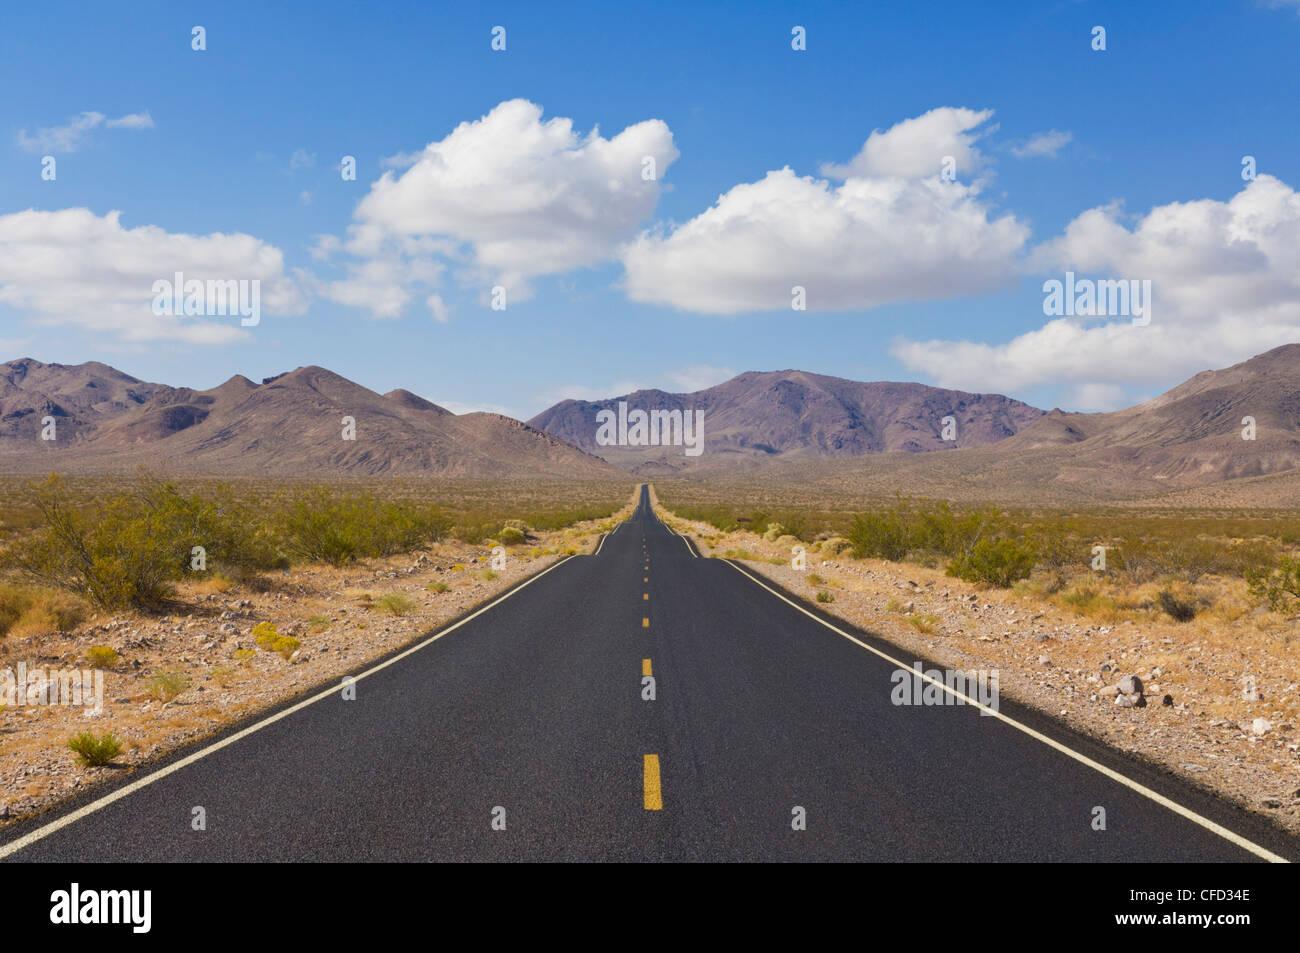 Tageslicht-Passstrasse, Highway 374 von Beatty Nevada, Grenze zu Death Valley Nationalpark, Kalifornien Nevada, Stockbild